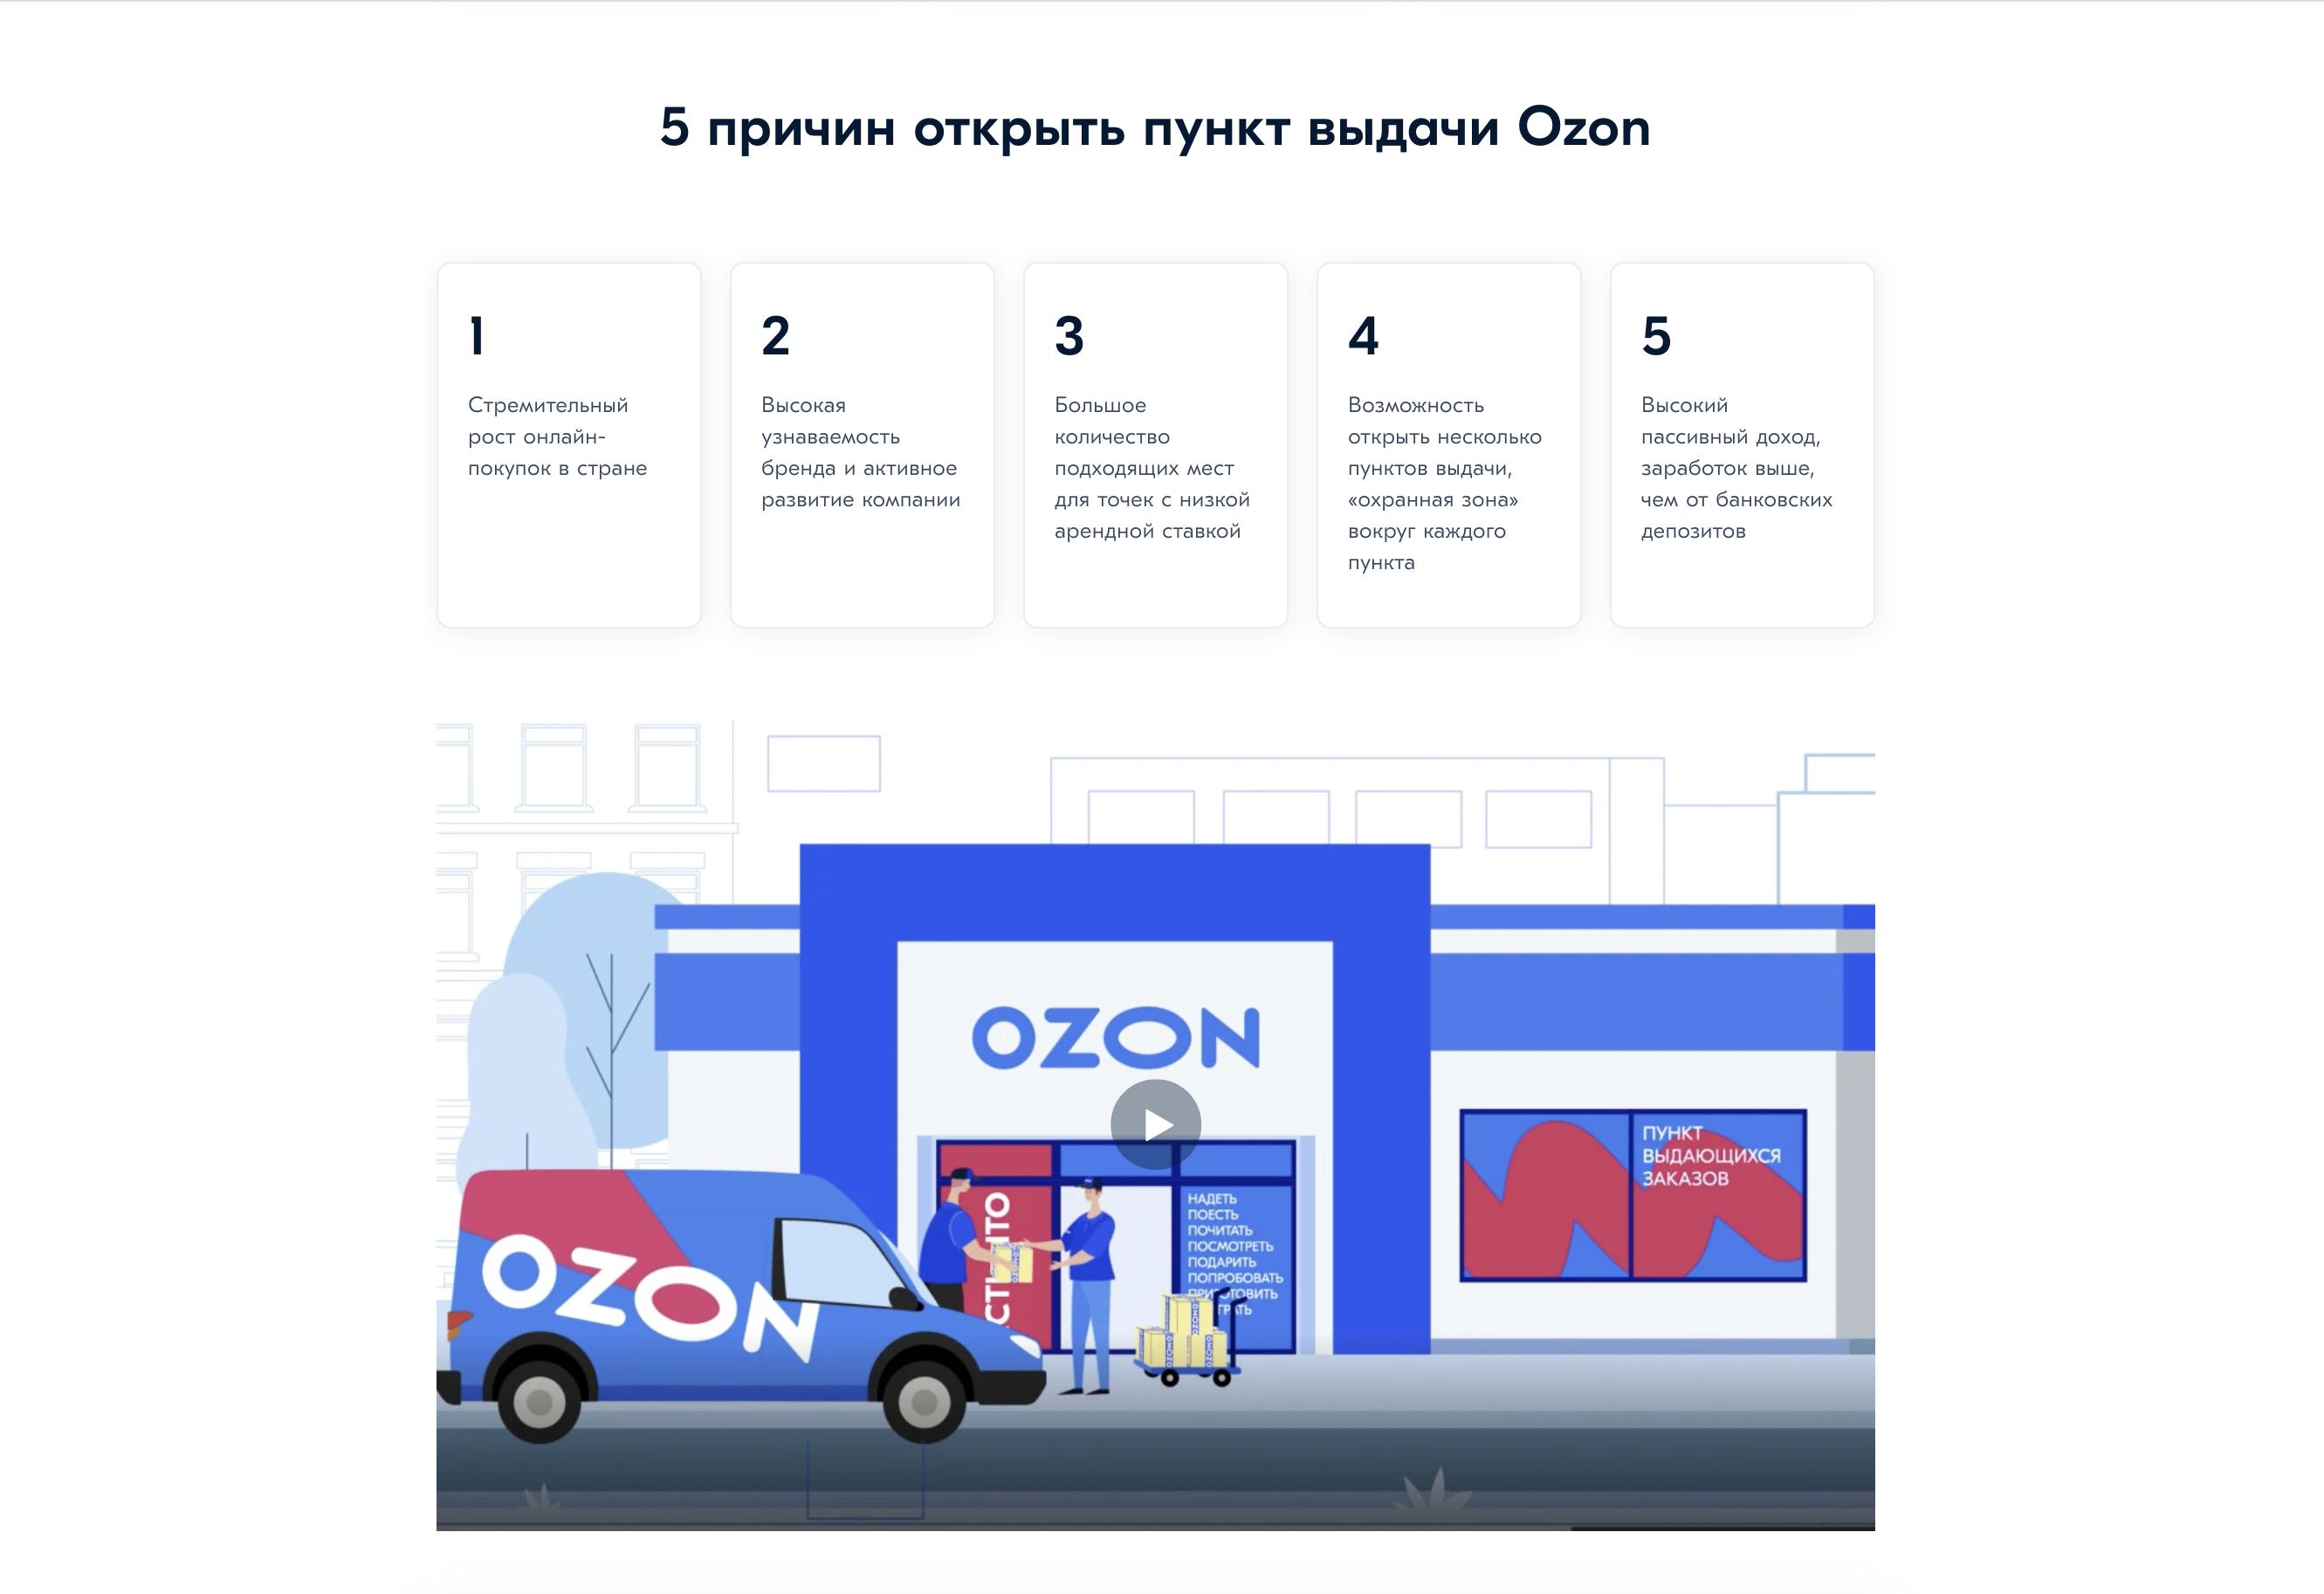 Как открыть партнерский пункт выдачи заказов OZON - условия открытия